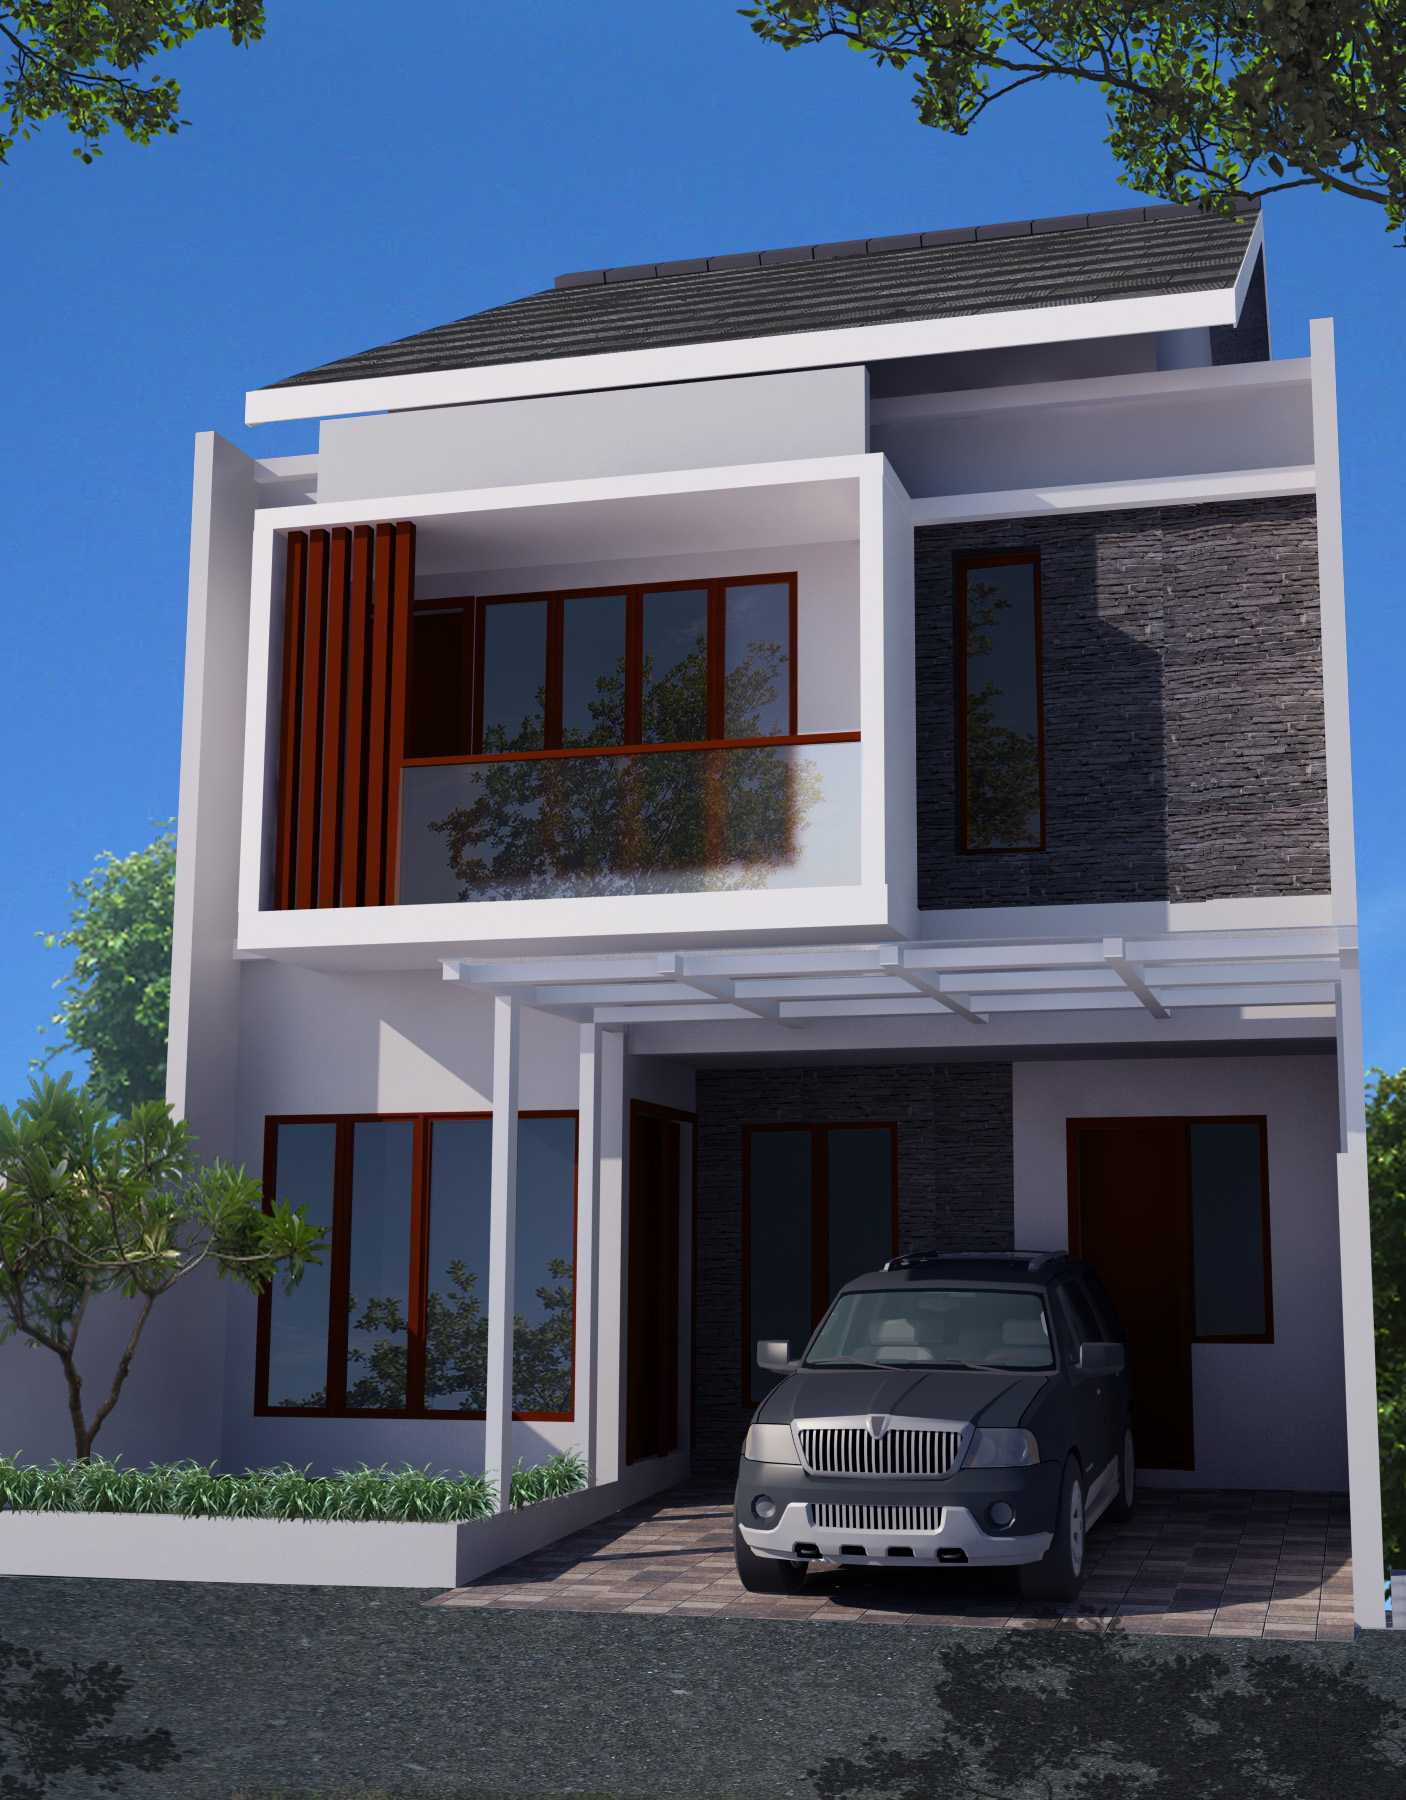 Desain Rumah Minimalis 2 Lantai Di Lahan 8 X 15 M2 Desain Rumah Online